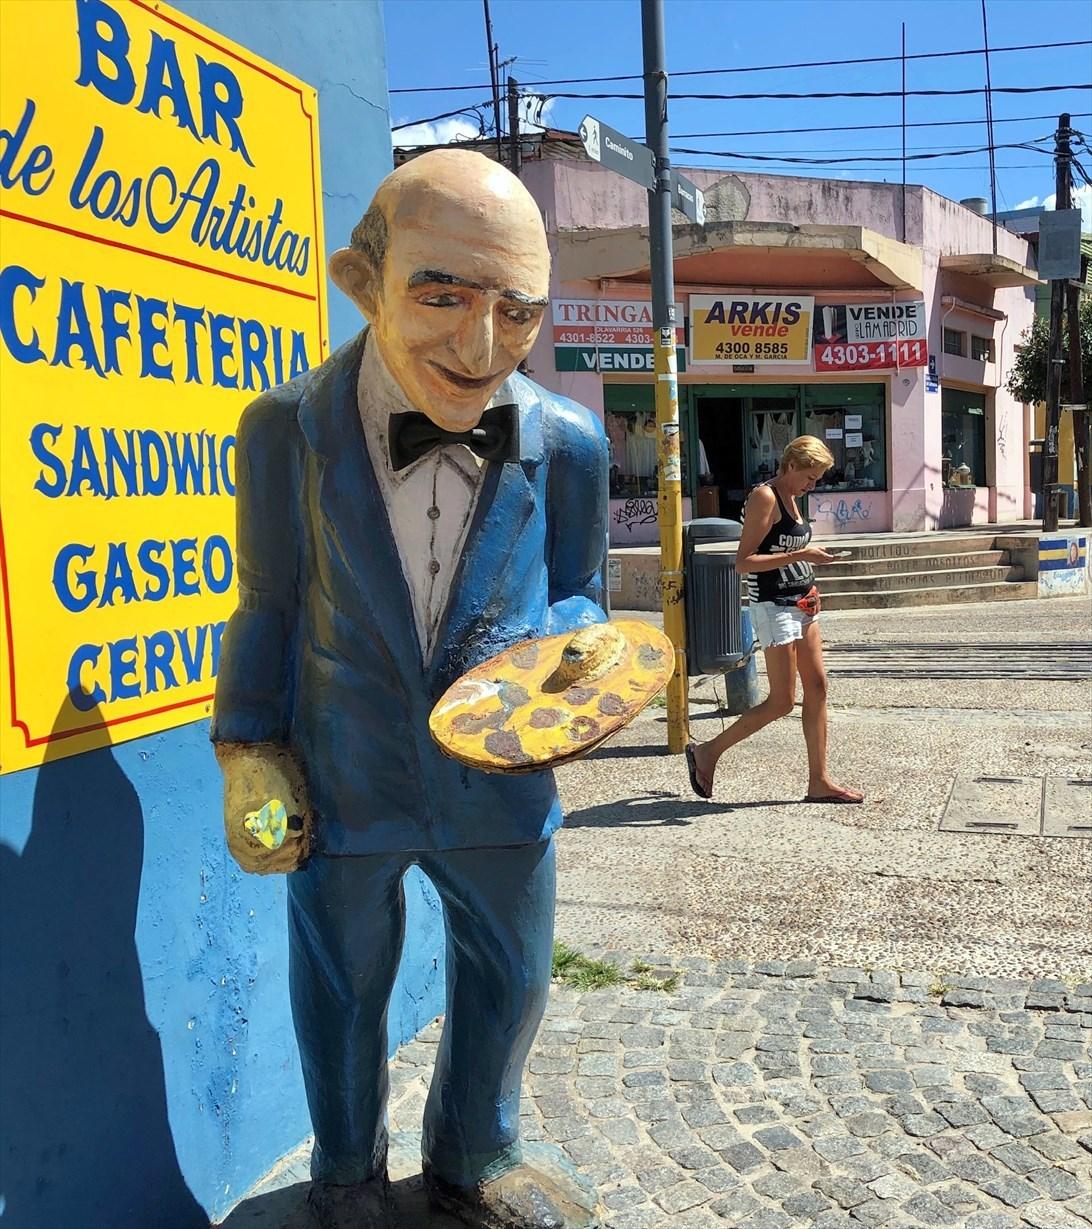 """中南米の旅/42 カラフル過ぎる街""""ボカ地区""""カミニート@ブエノスアイレス_a0092659_23111382.jpg"""